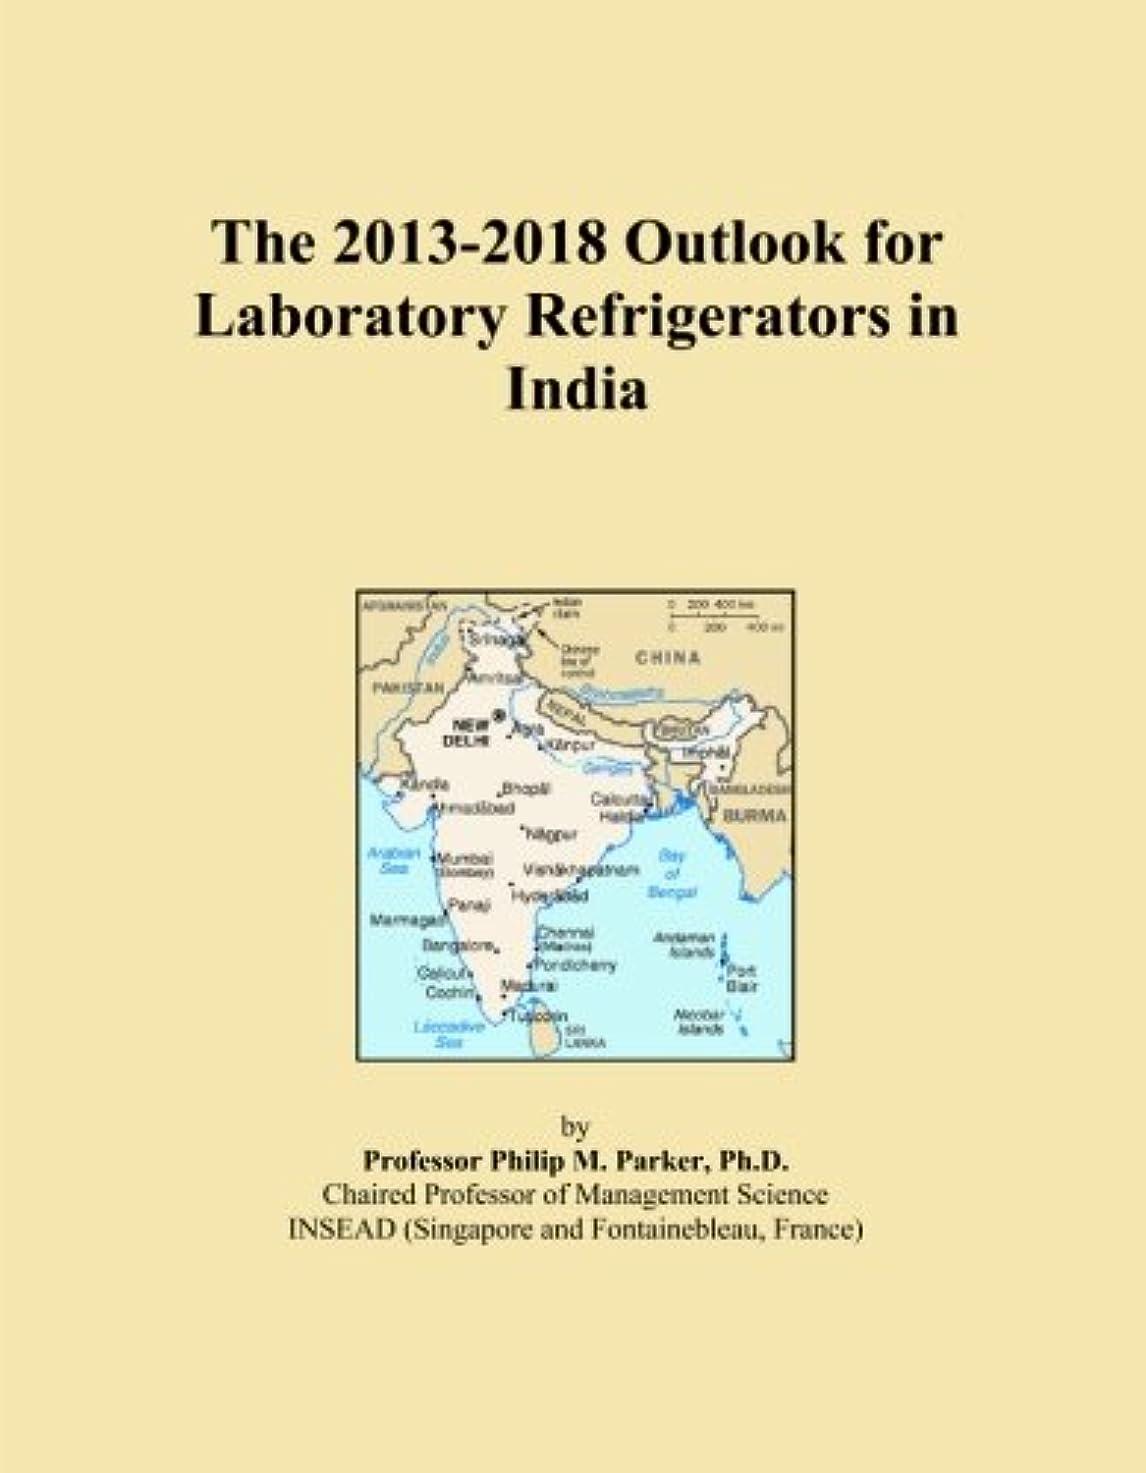 連鎖とにかく打ち上げるThe 2013-2018 Outlook for Laboratory Refrigerators in India